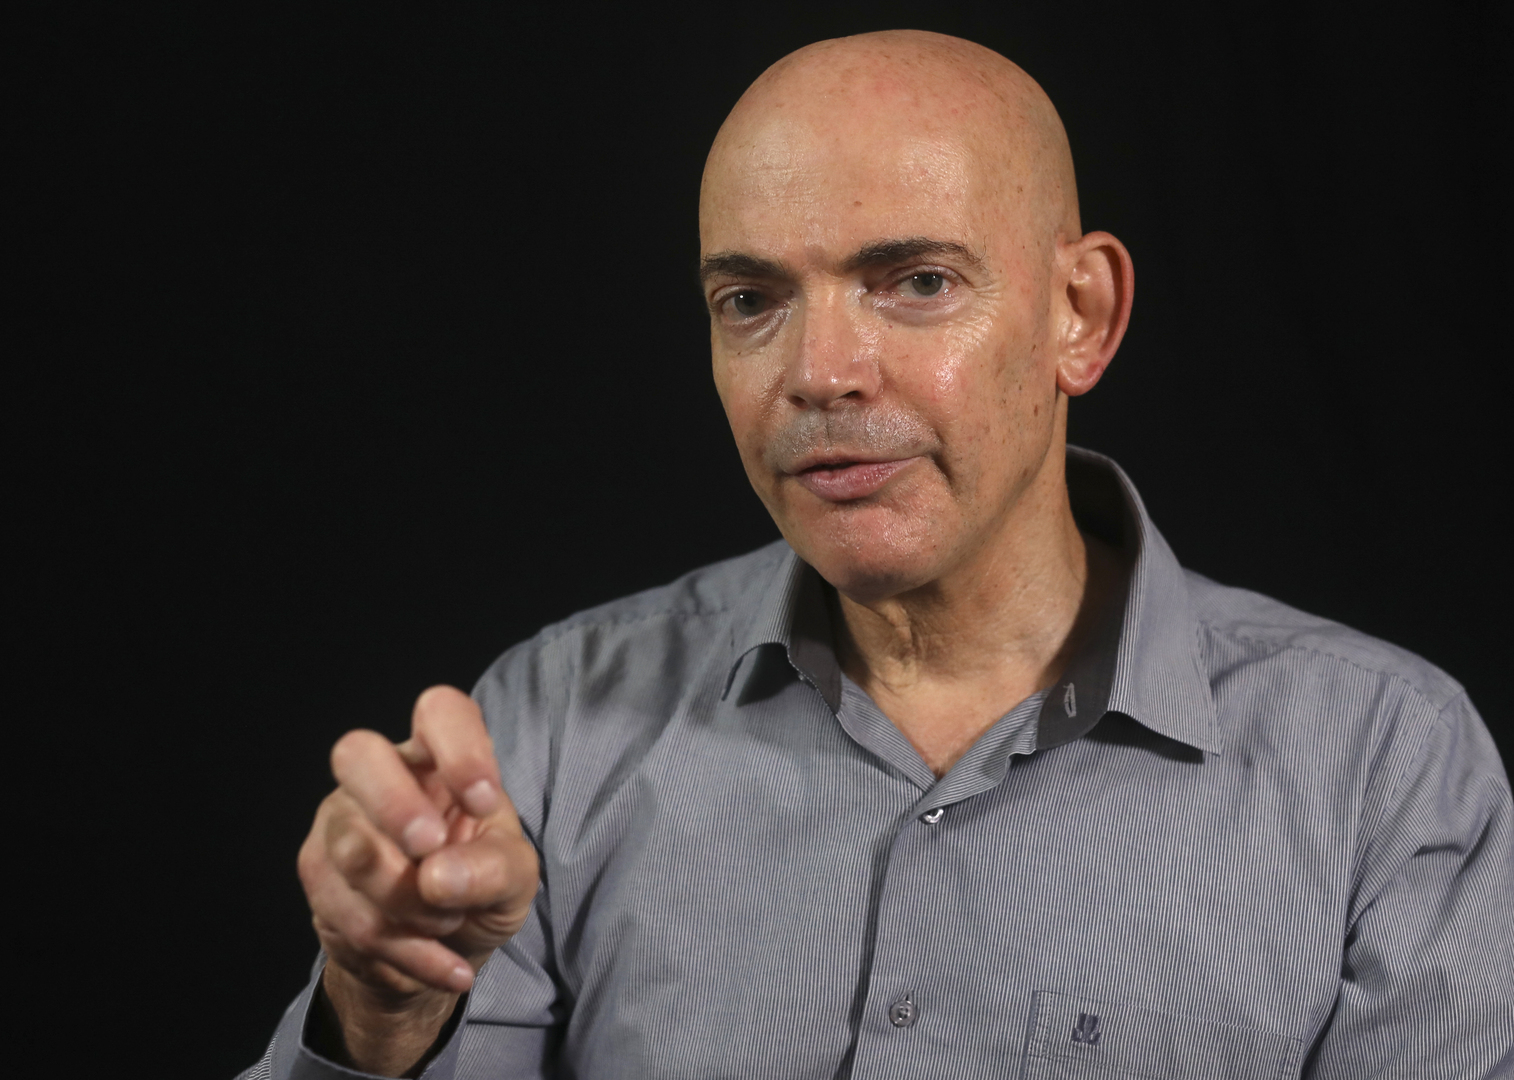 قائد فريق تطوير نظام الدفاع الصاروخي الإسرائيلي المعروف باسم